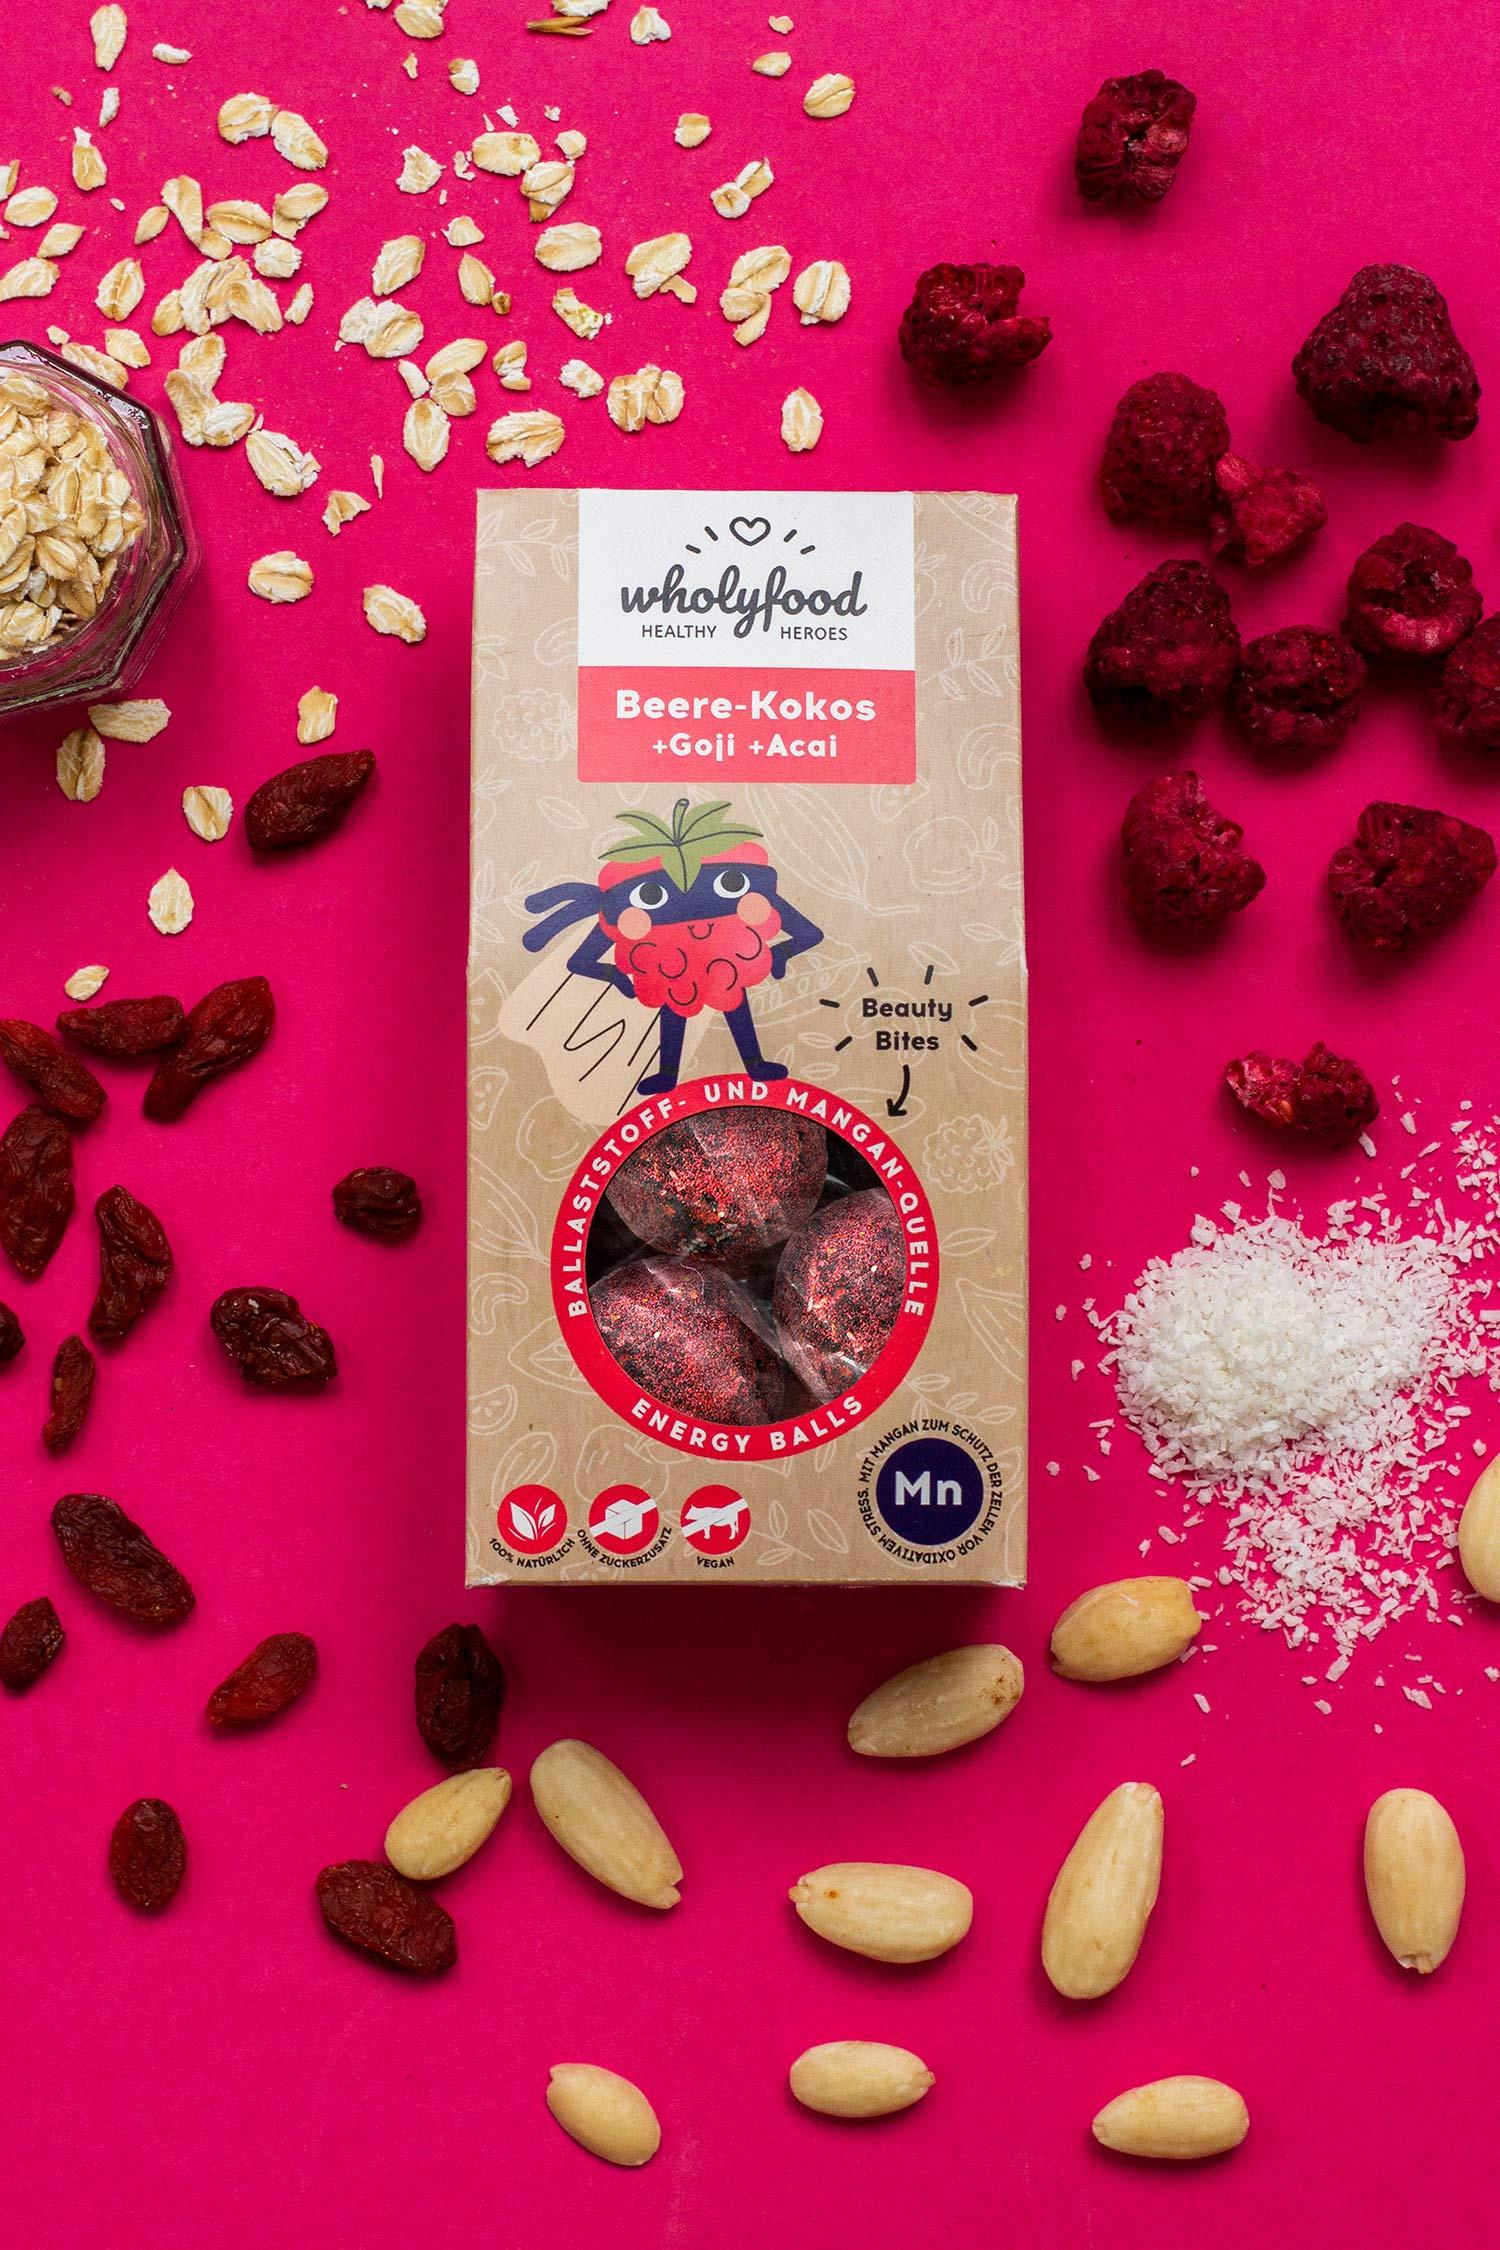 wholyfood_packaging_ingredients_Beere